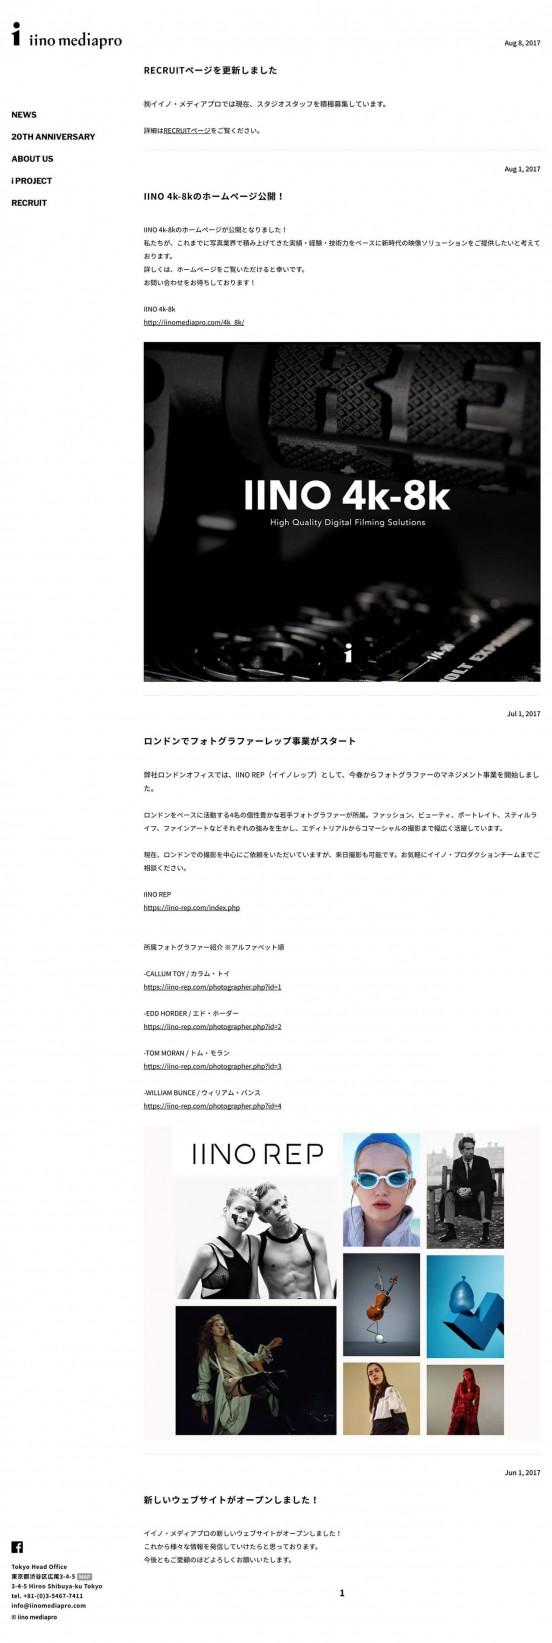 株式会社 イイノ・メディアプロ|Iino Mediapro Co., Ltd. 公式サイト_3